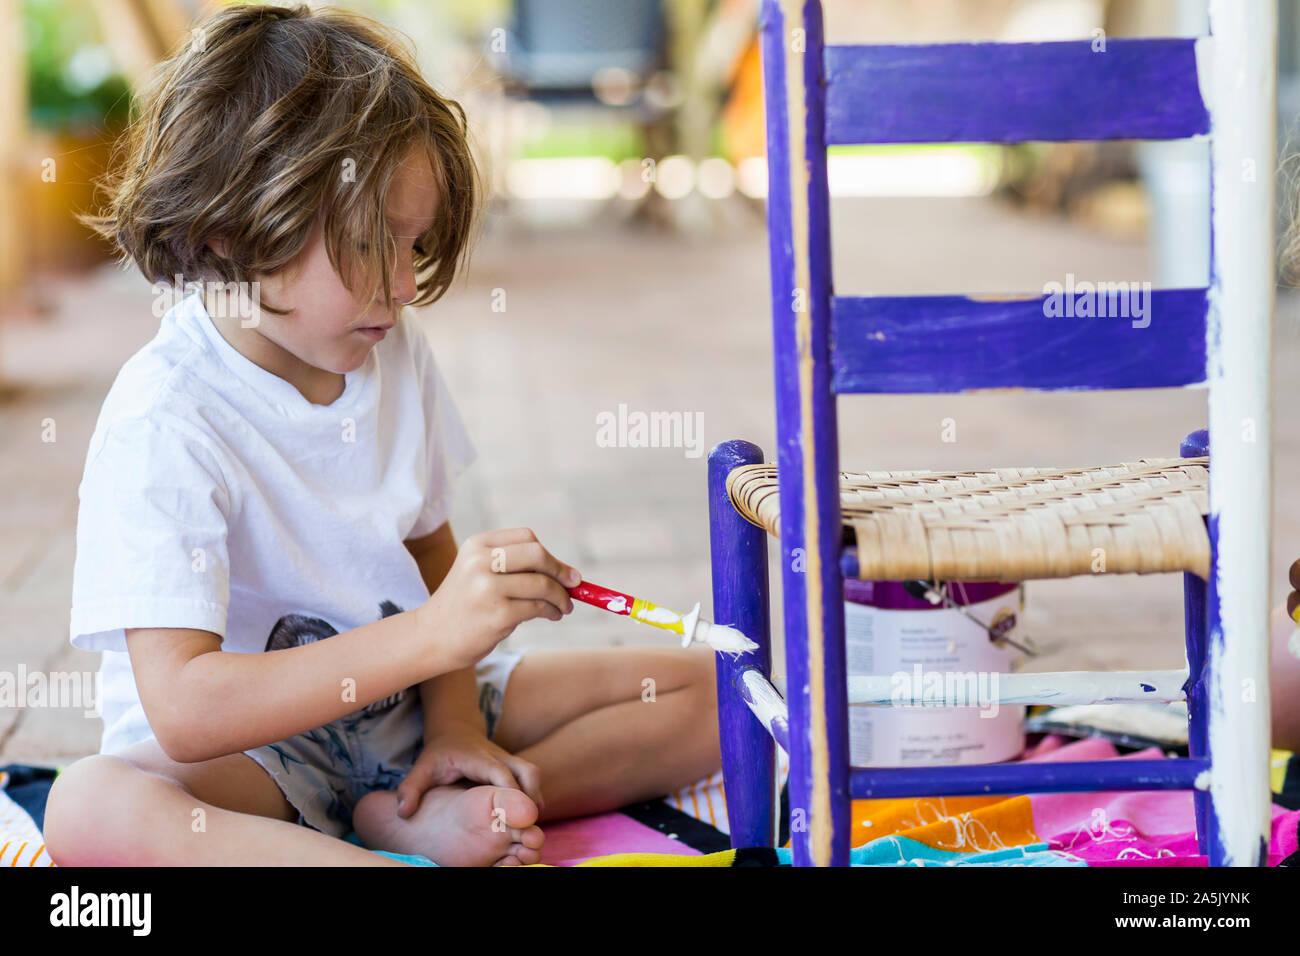 Garçon de 5 ans peinture chaise enfant sur le porche avec sa soeur Banque D'Images